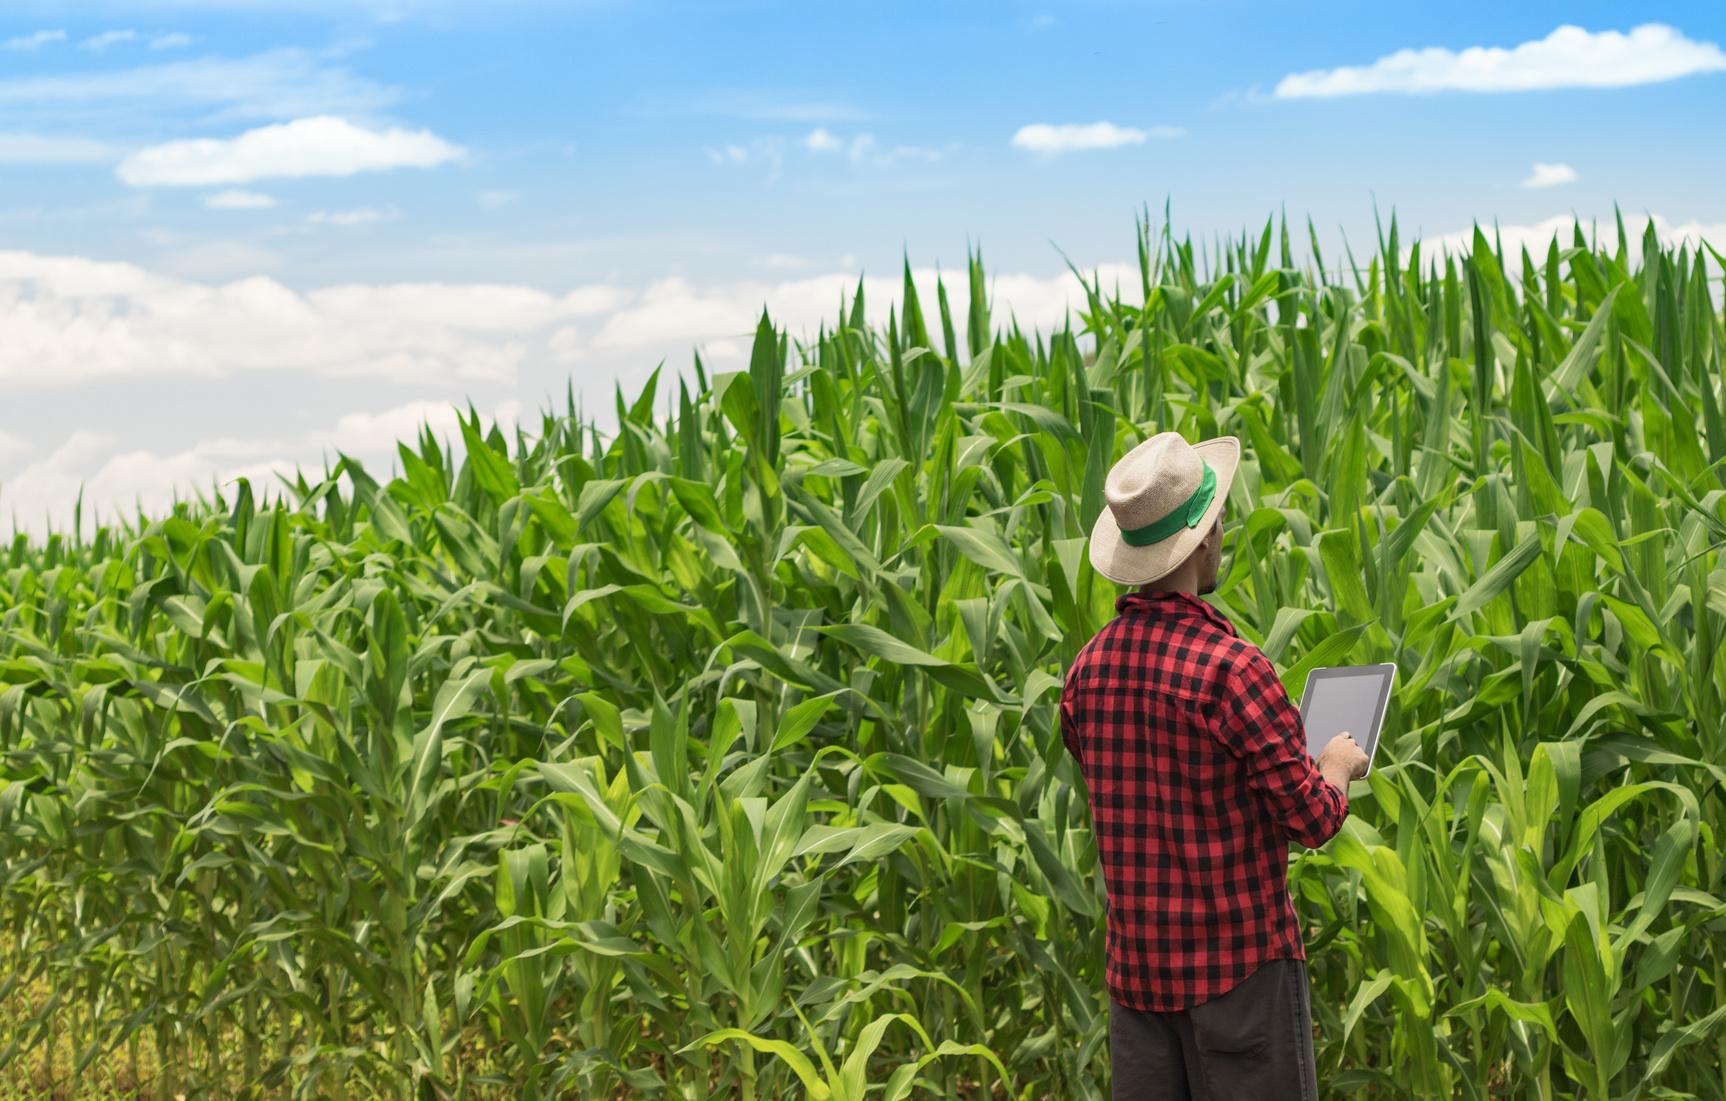 Le numérique envahit l'agriculture